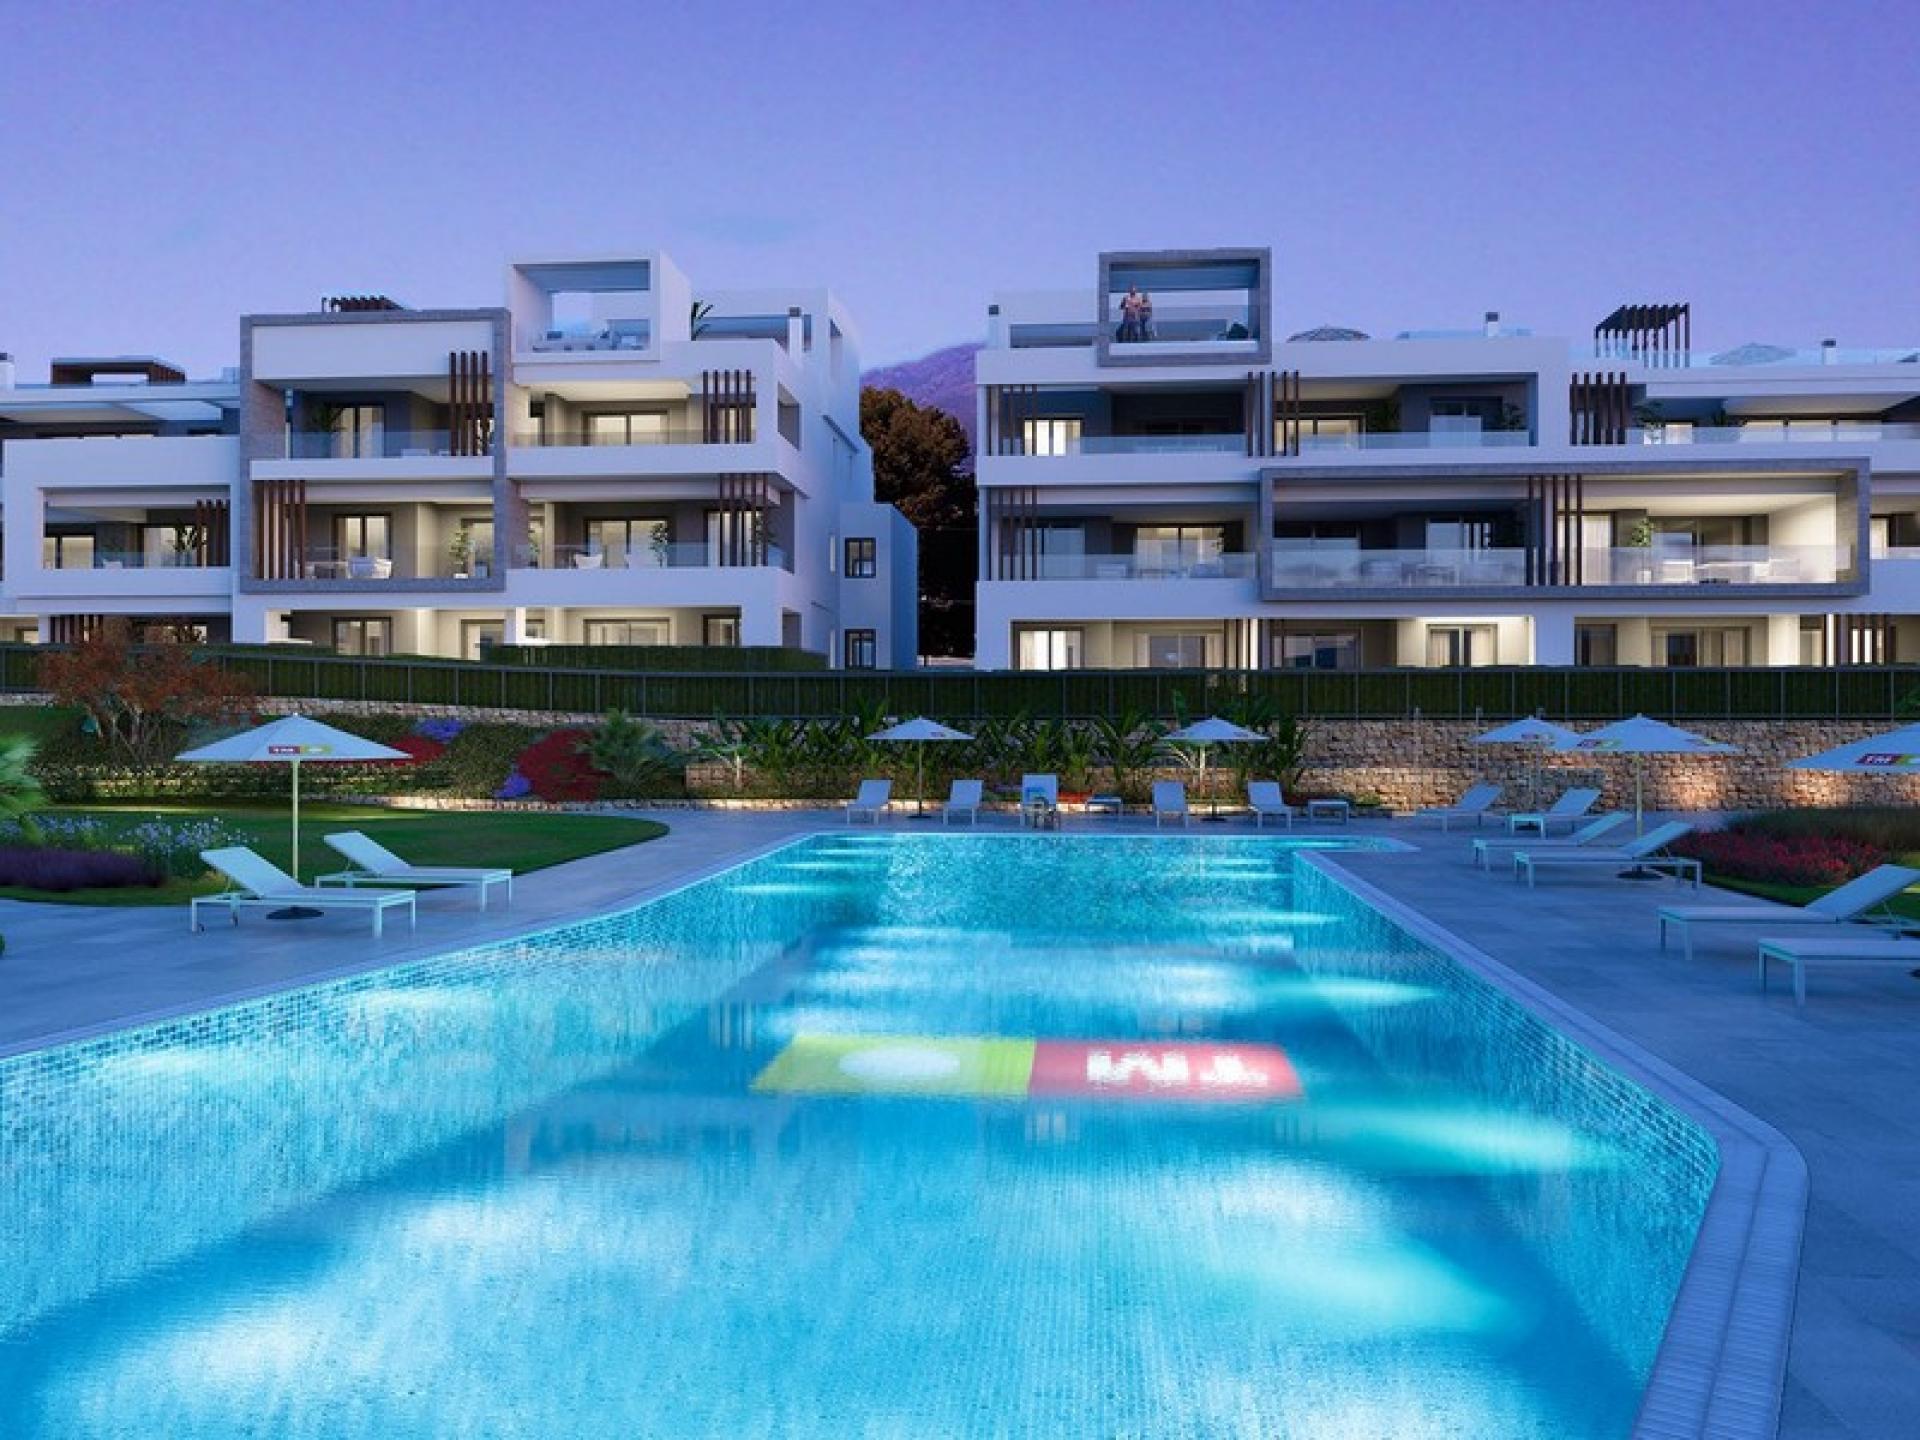 3 Slaapkamer Appartement met tuin in Estepona - Nieuwbouw in Medvilla Spanje